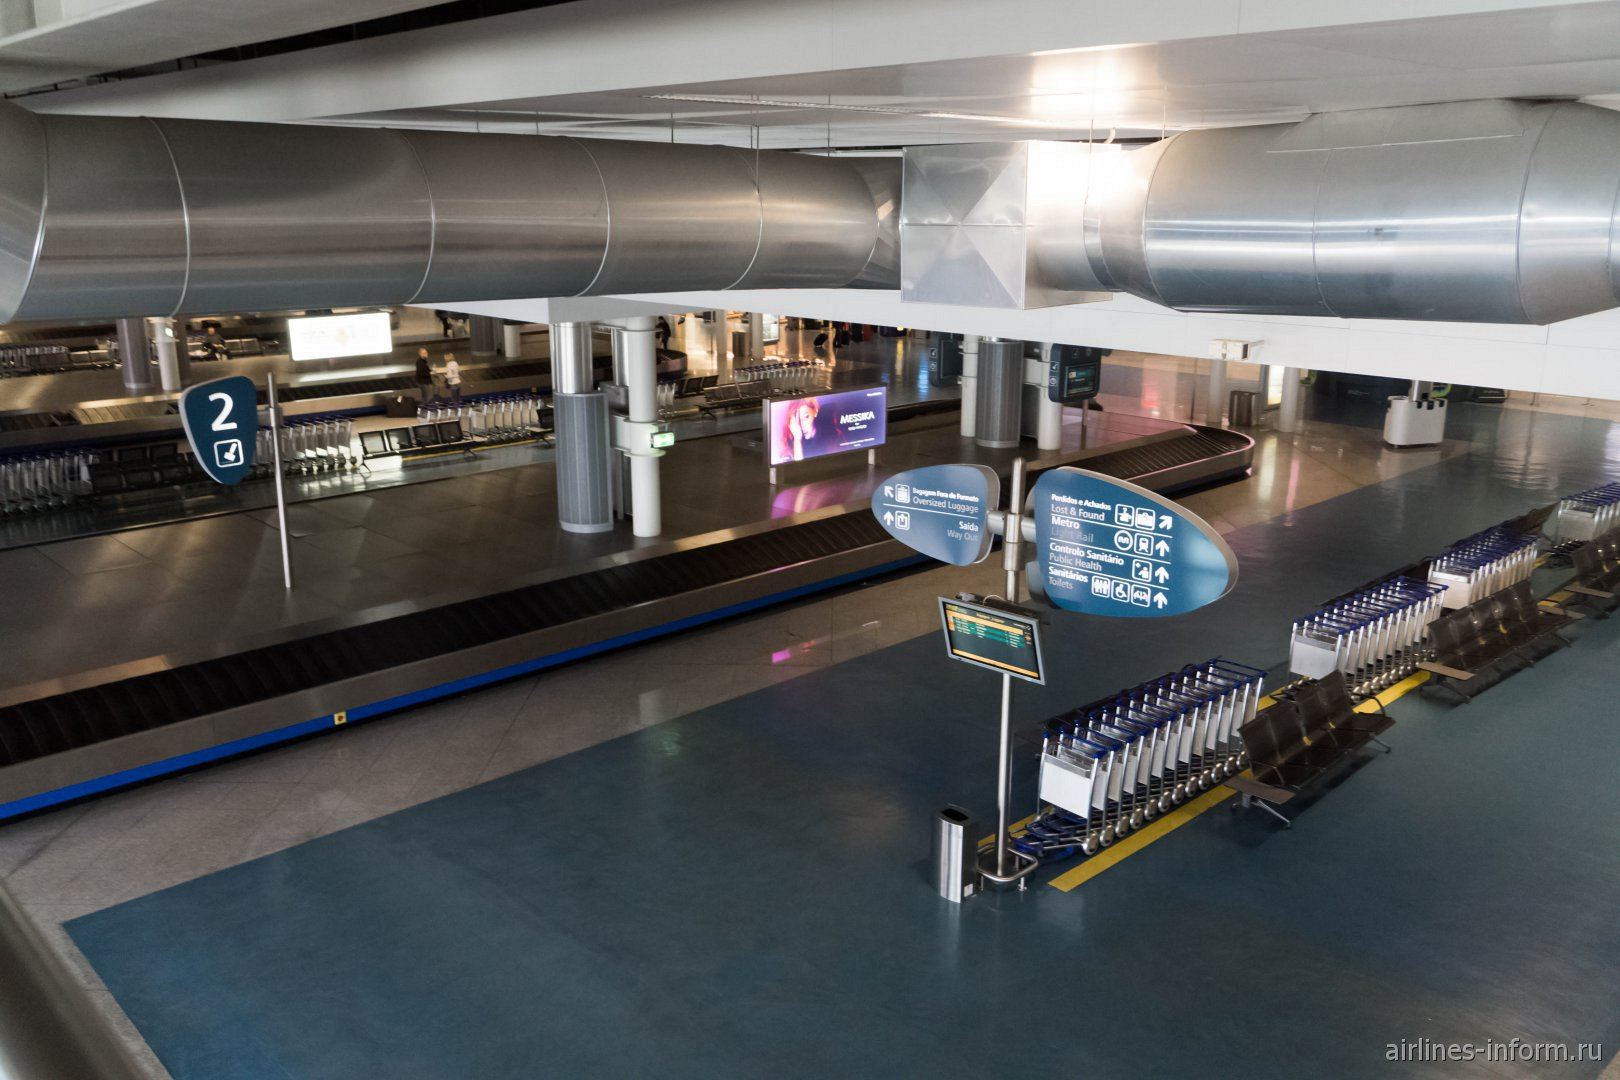 Зал выдачи багажа в аэропорту Порту - Франсишку Са Карнейру